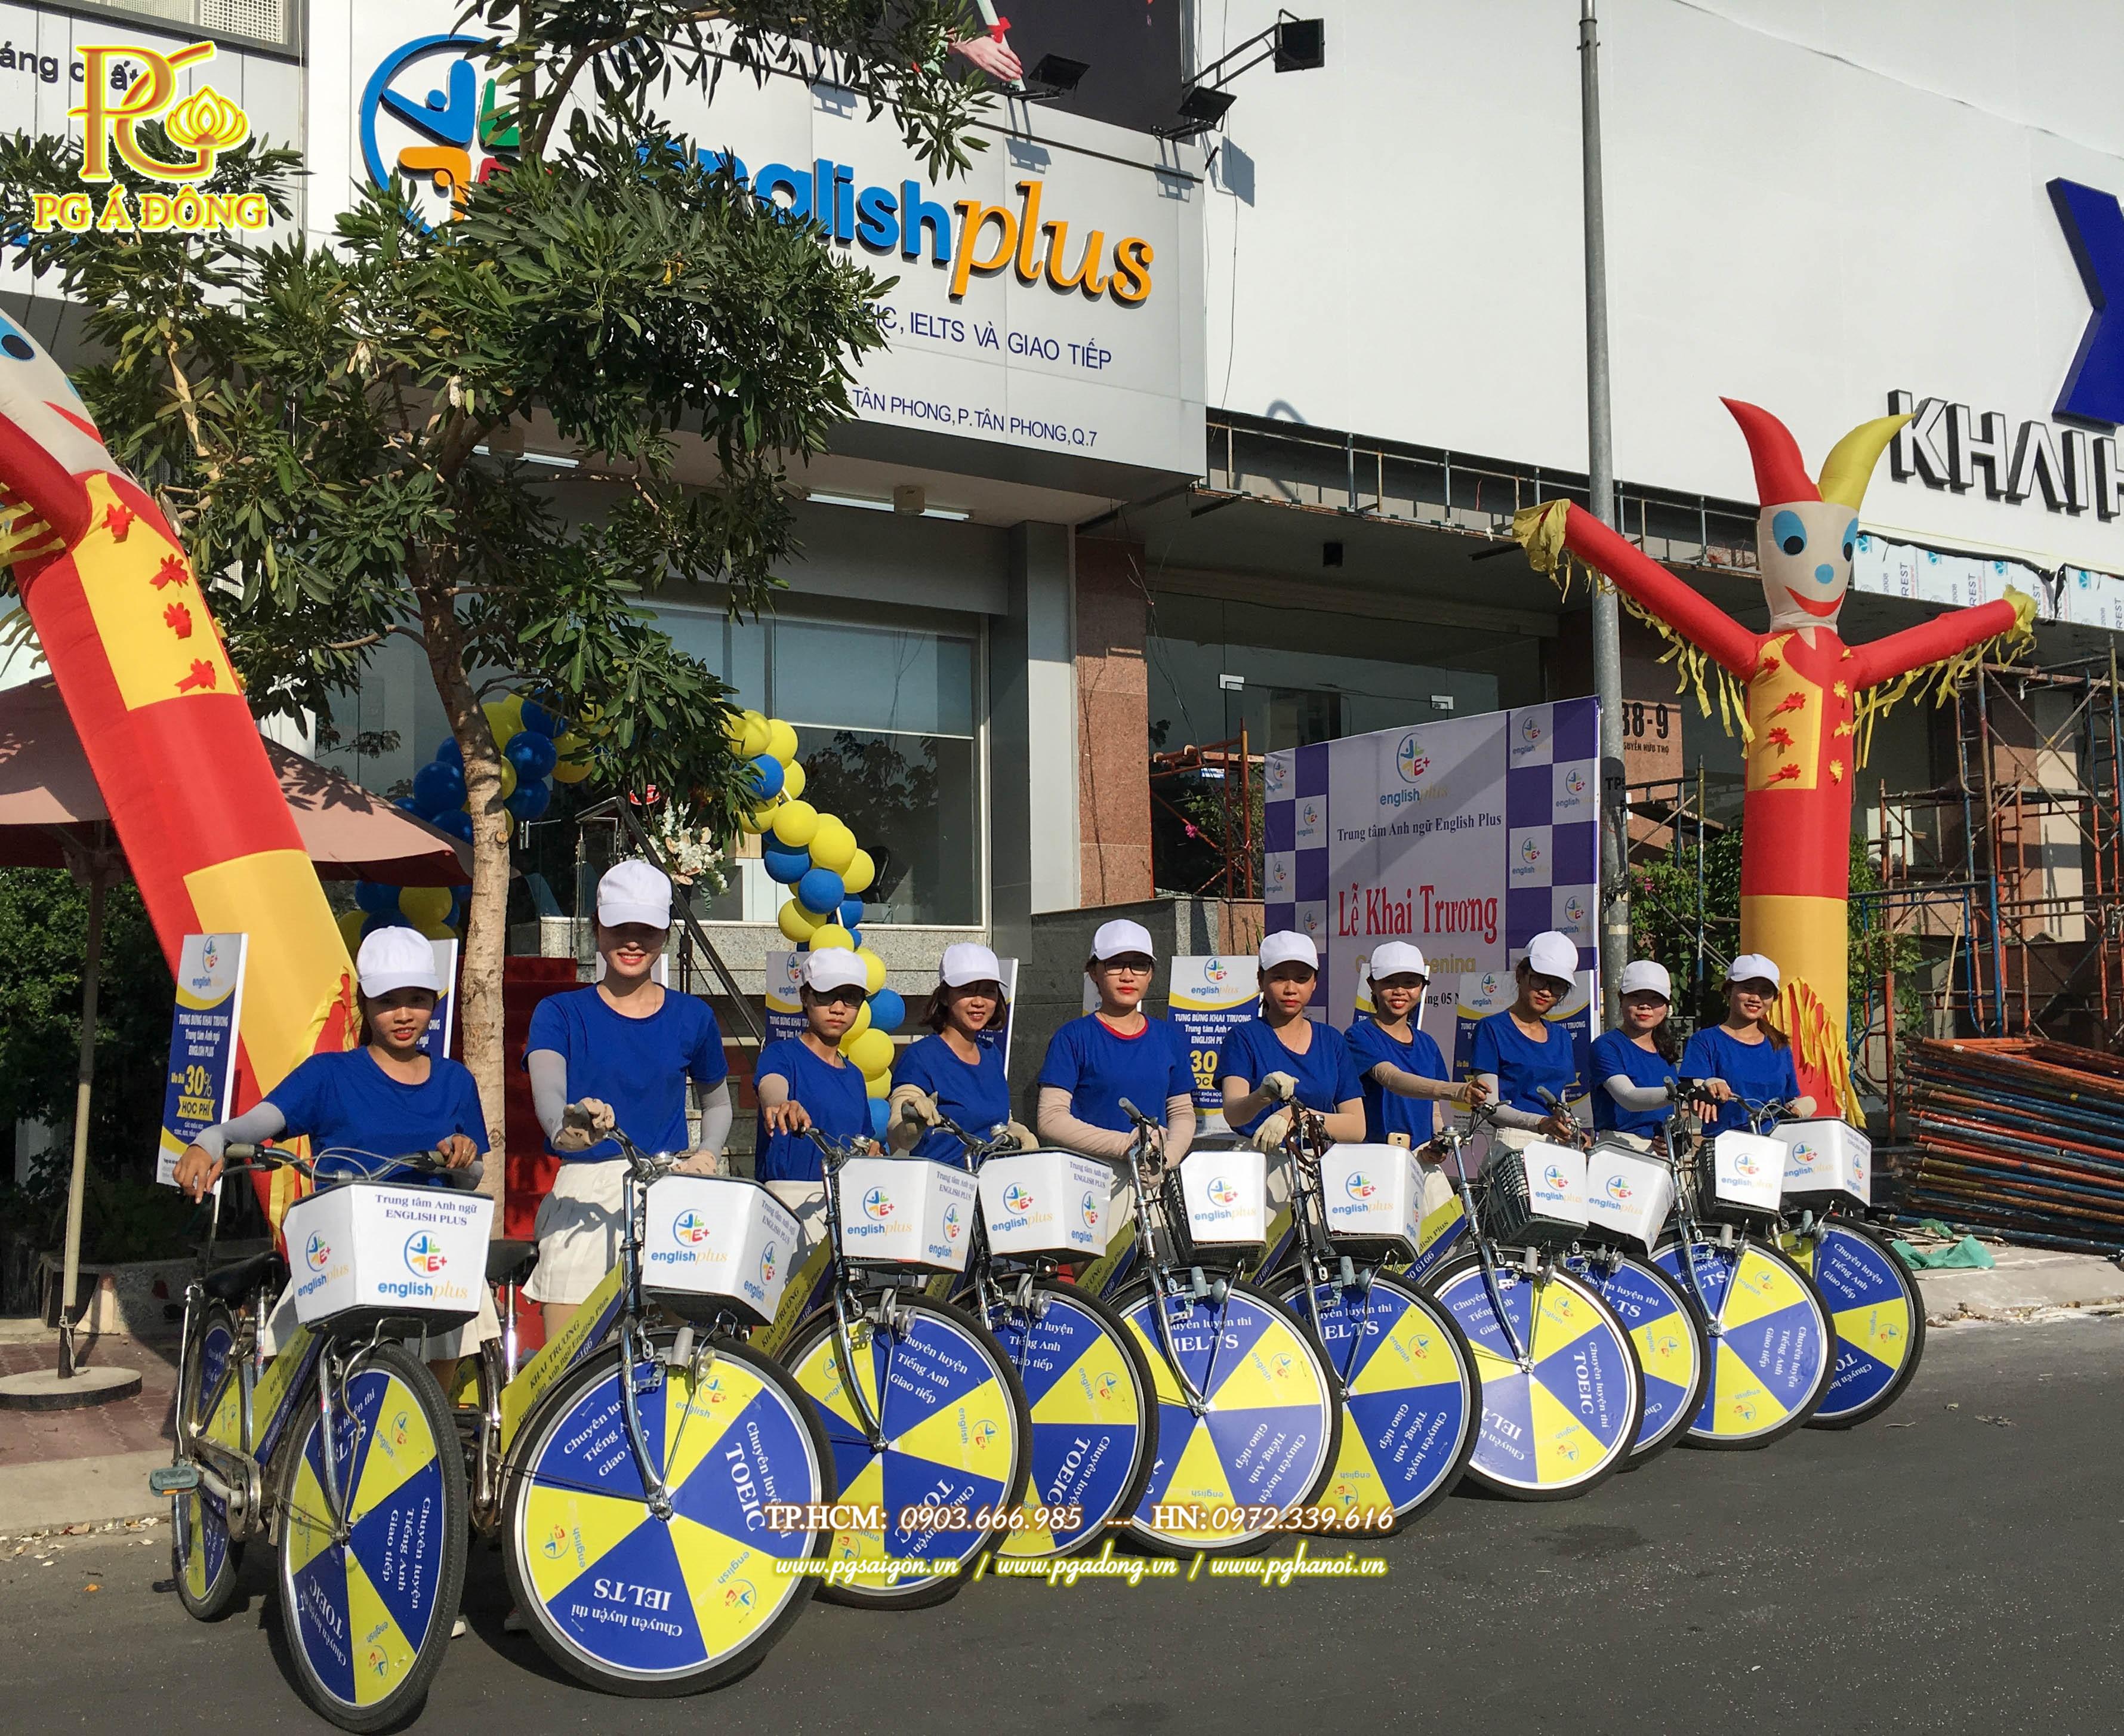 Đoàn roadshow xe đạp trong buổi lễ khai trương